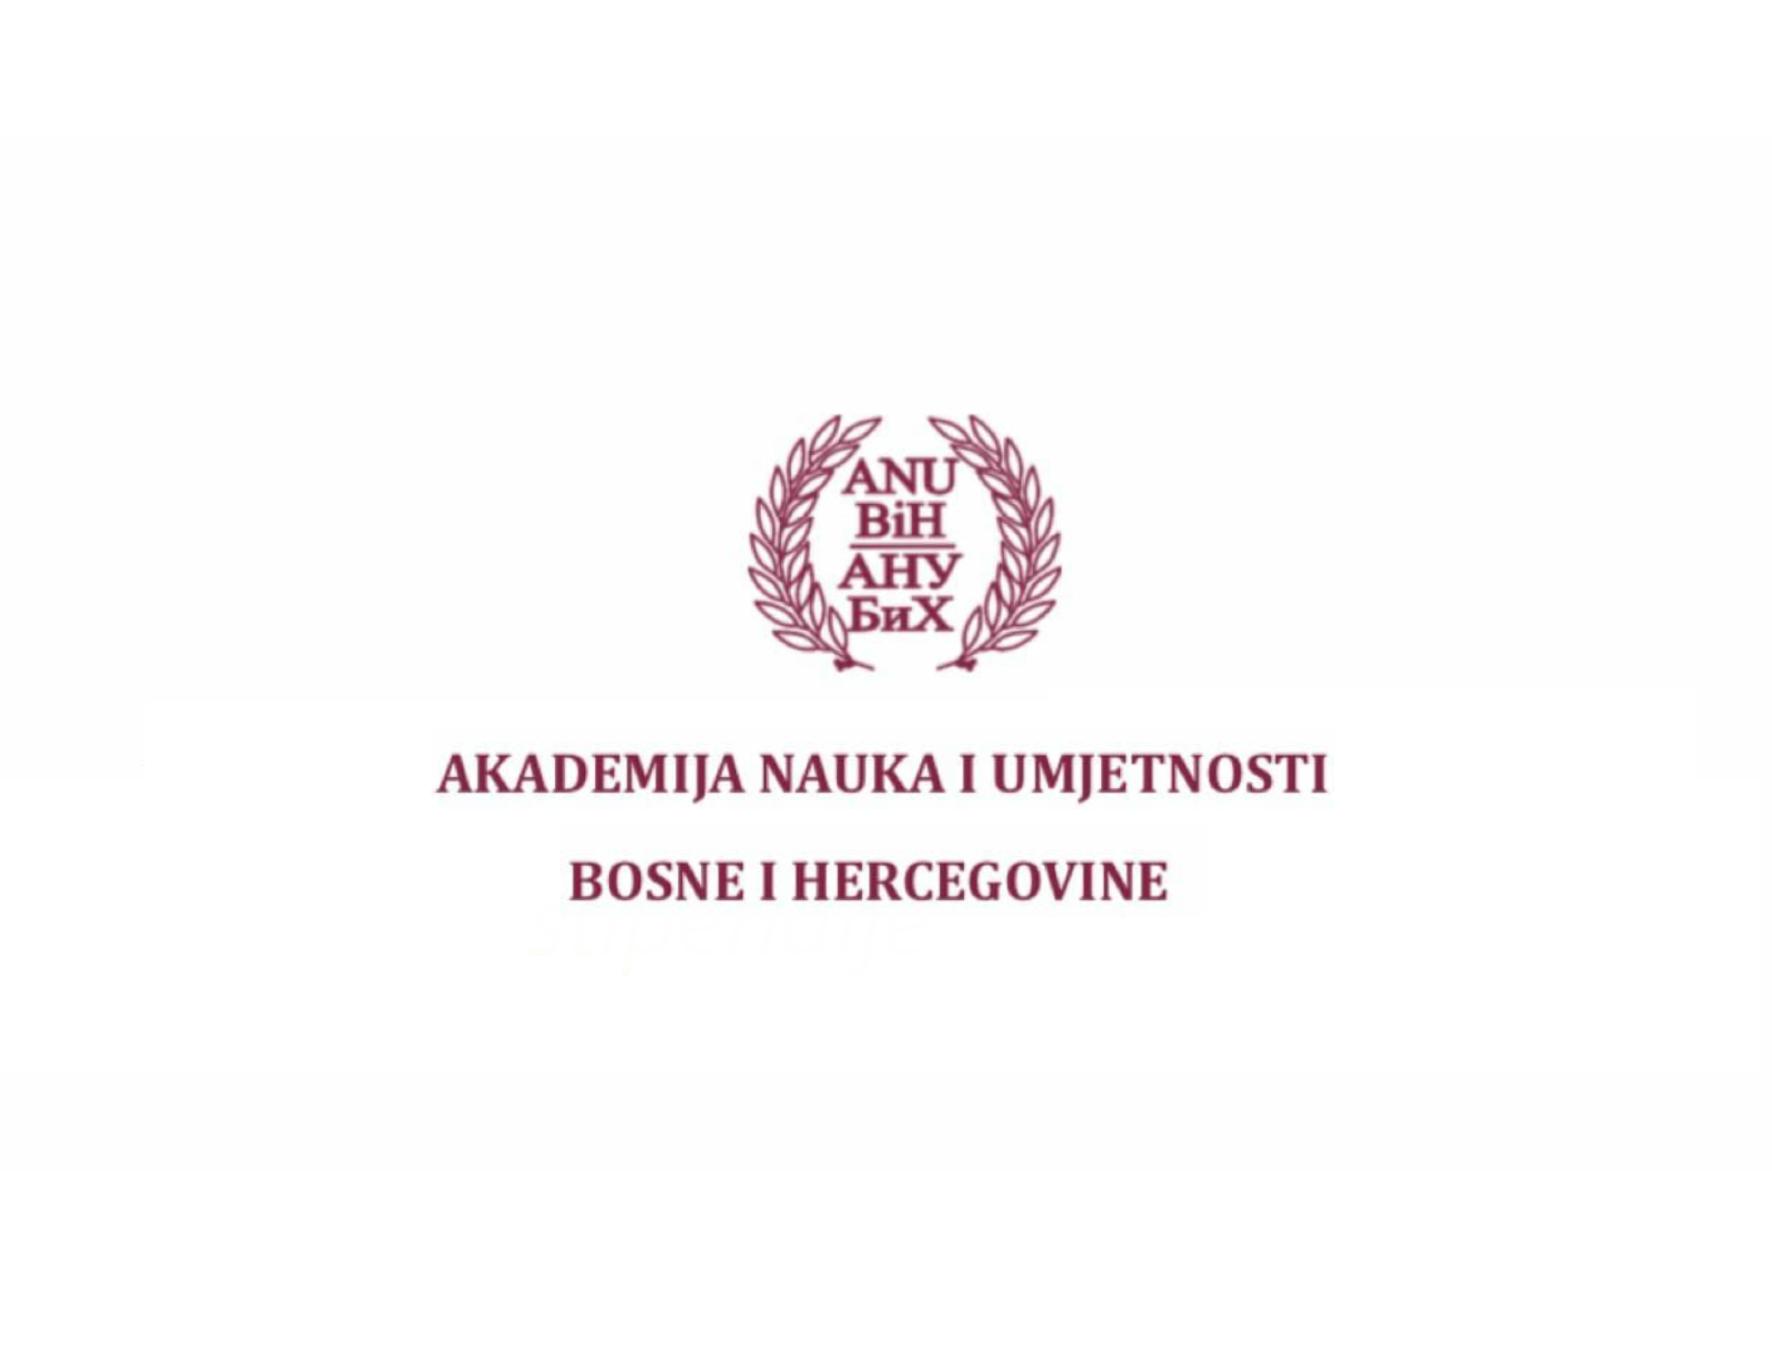 Harmonizacija sistema nauke u Bosni i Hercegovini – problemi i moguća rješenja